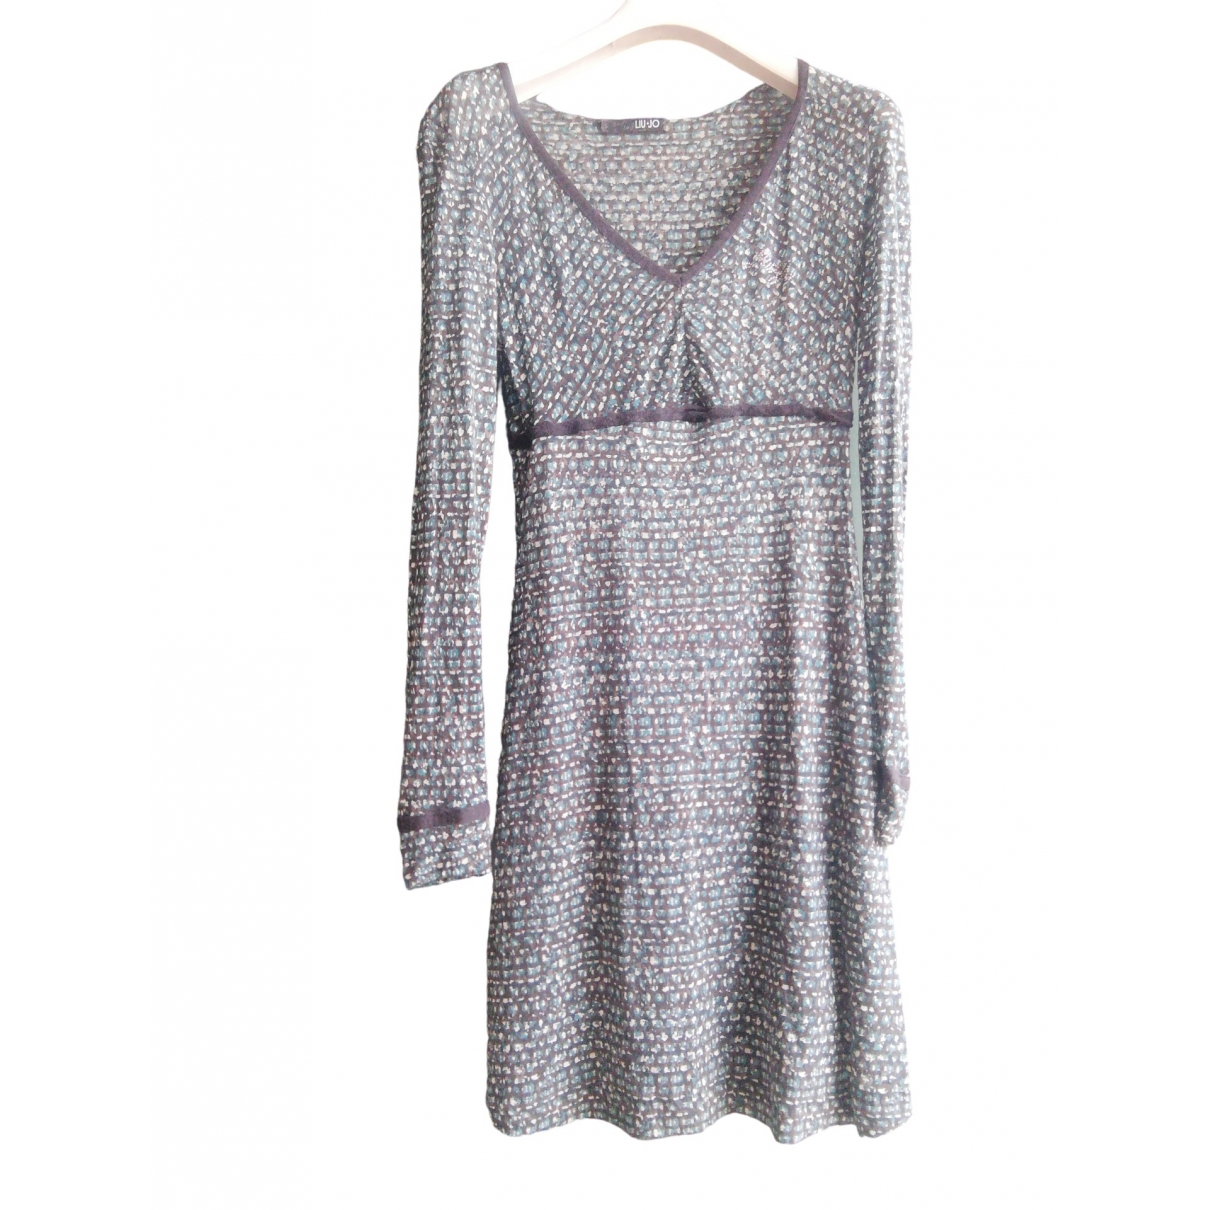 Liu.jo \N Kleid in  Bunt Wolle